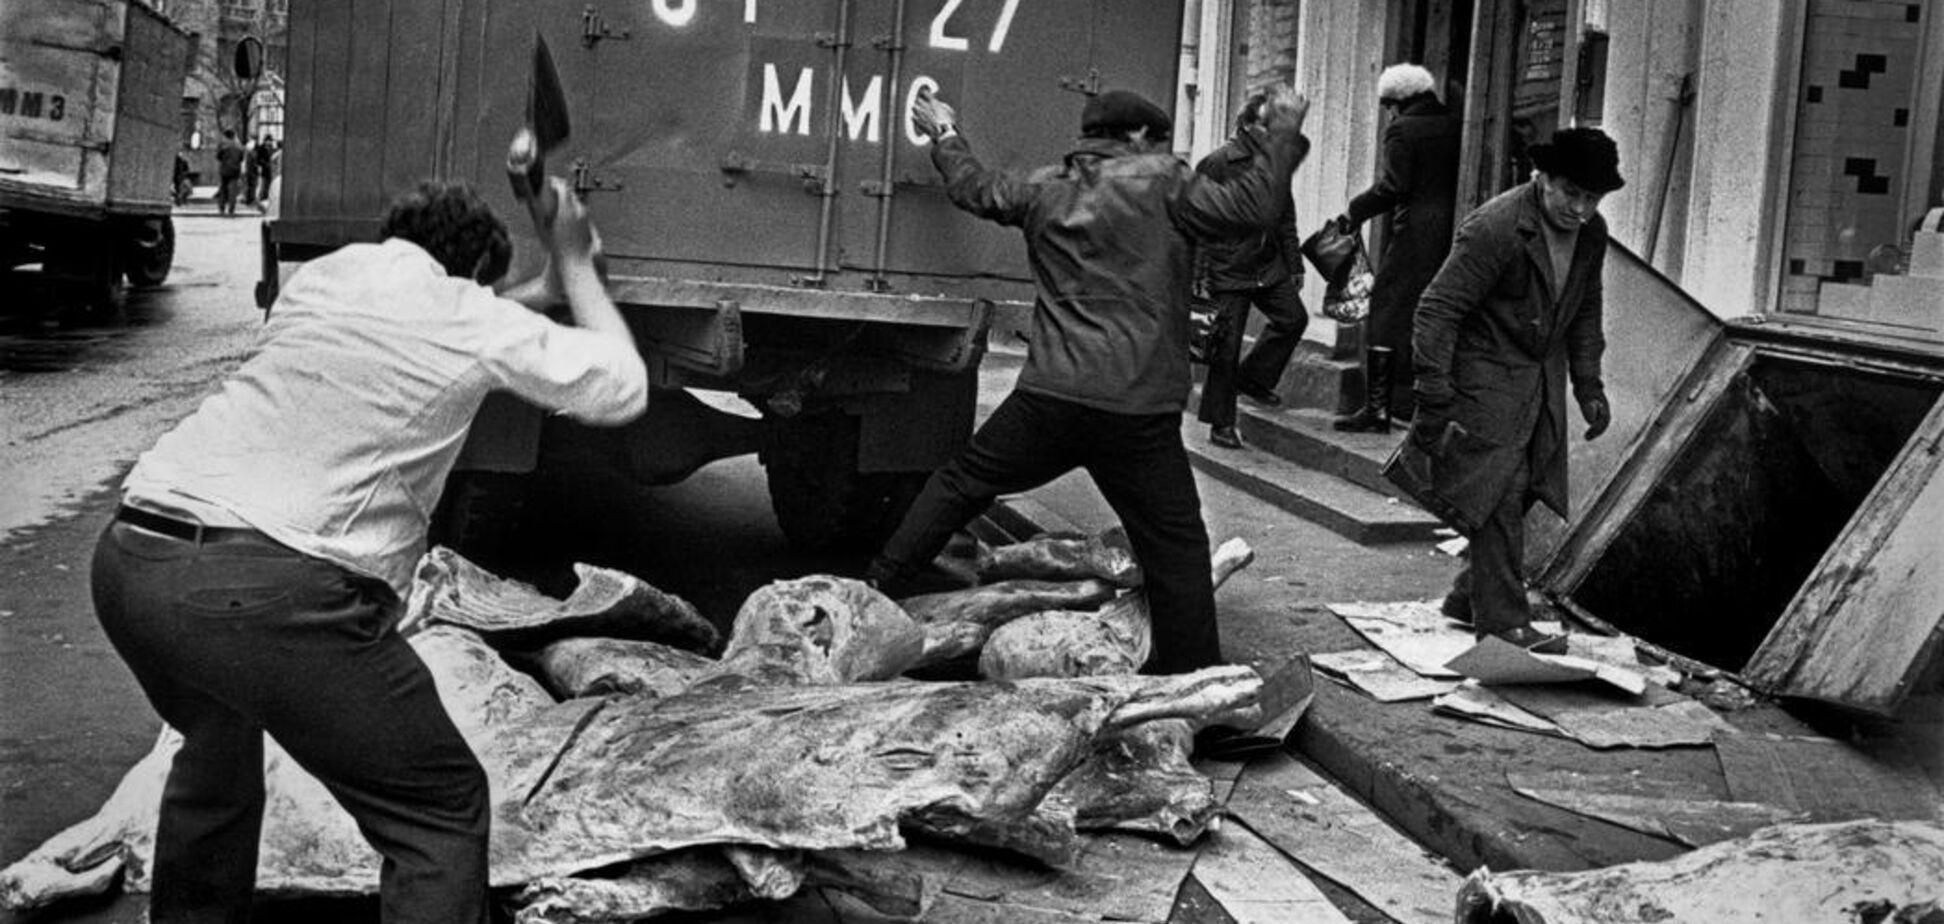 Фанатам СССР: за что я не люблю совок